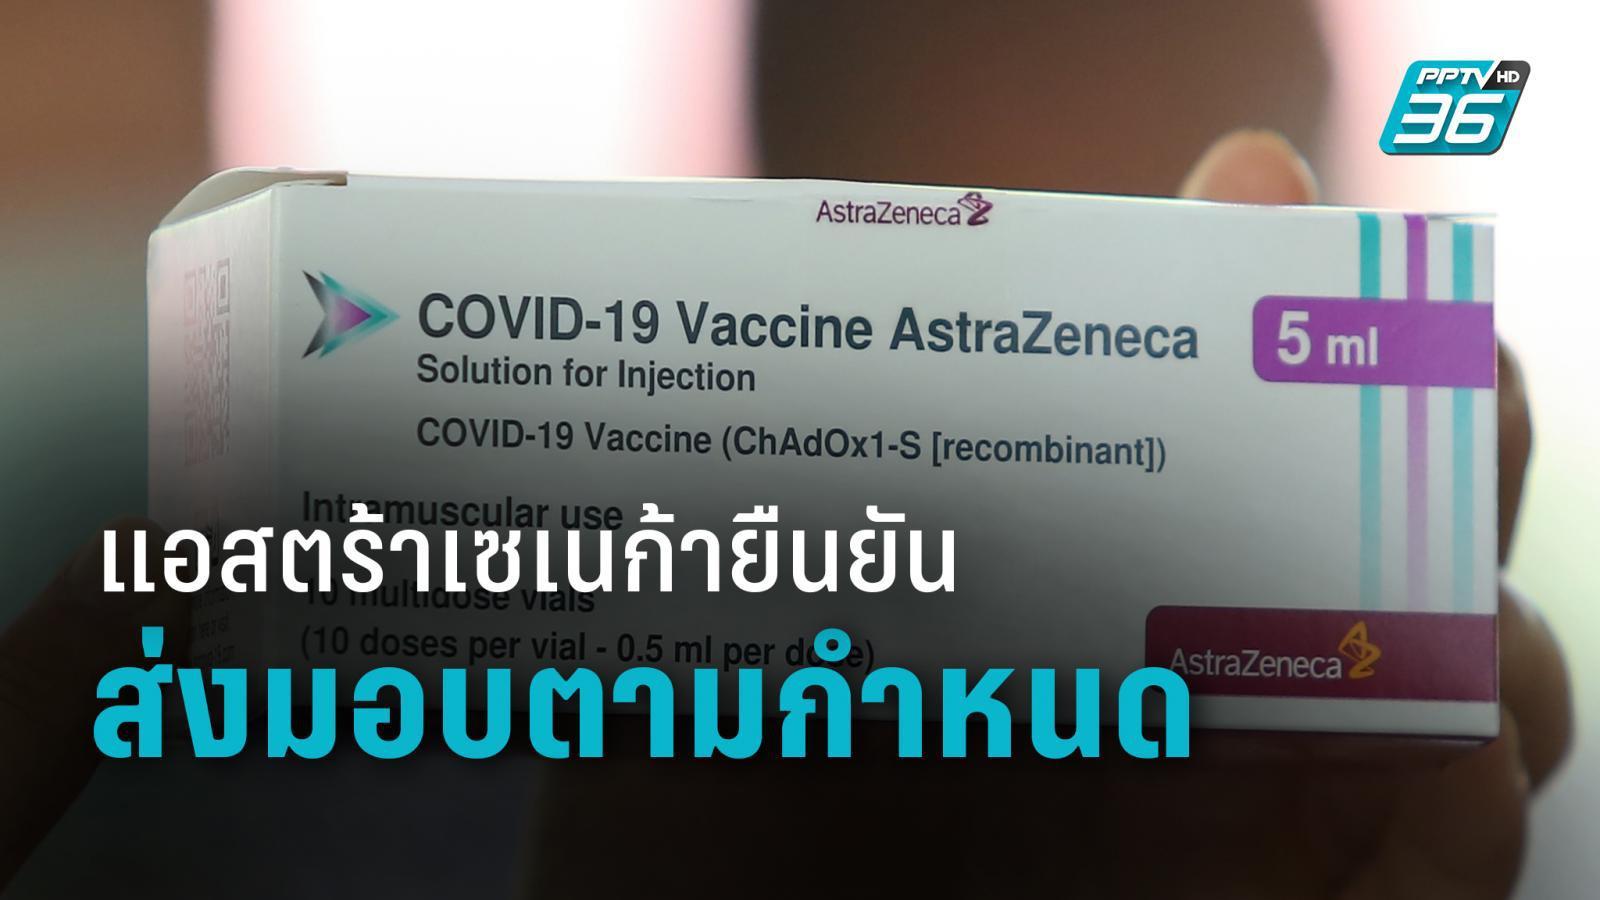 แอสตร้าเซเนก้า ยืนยัน ยังส่งมอบวัคซีนโควิด-19 ตามแผนที่กำหนด